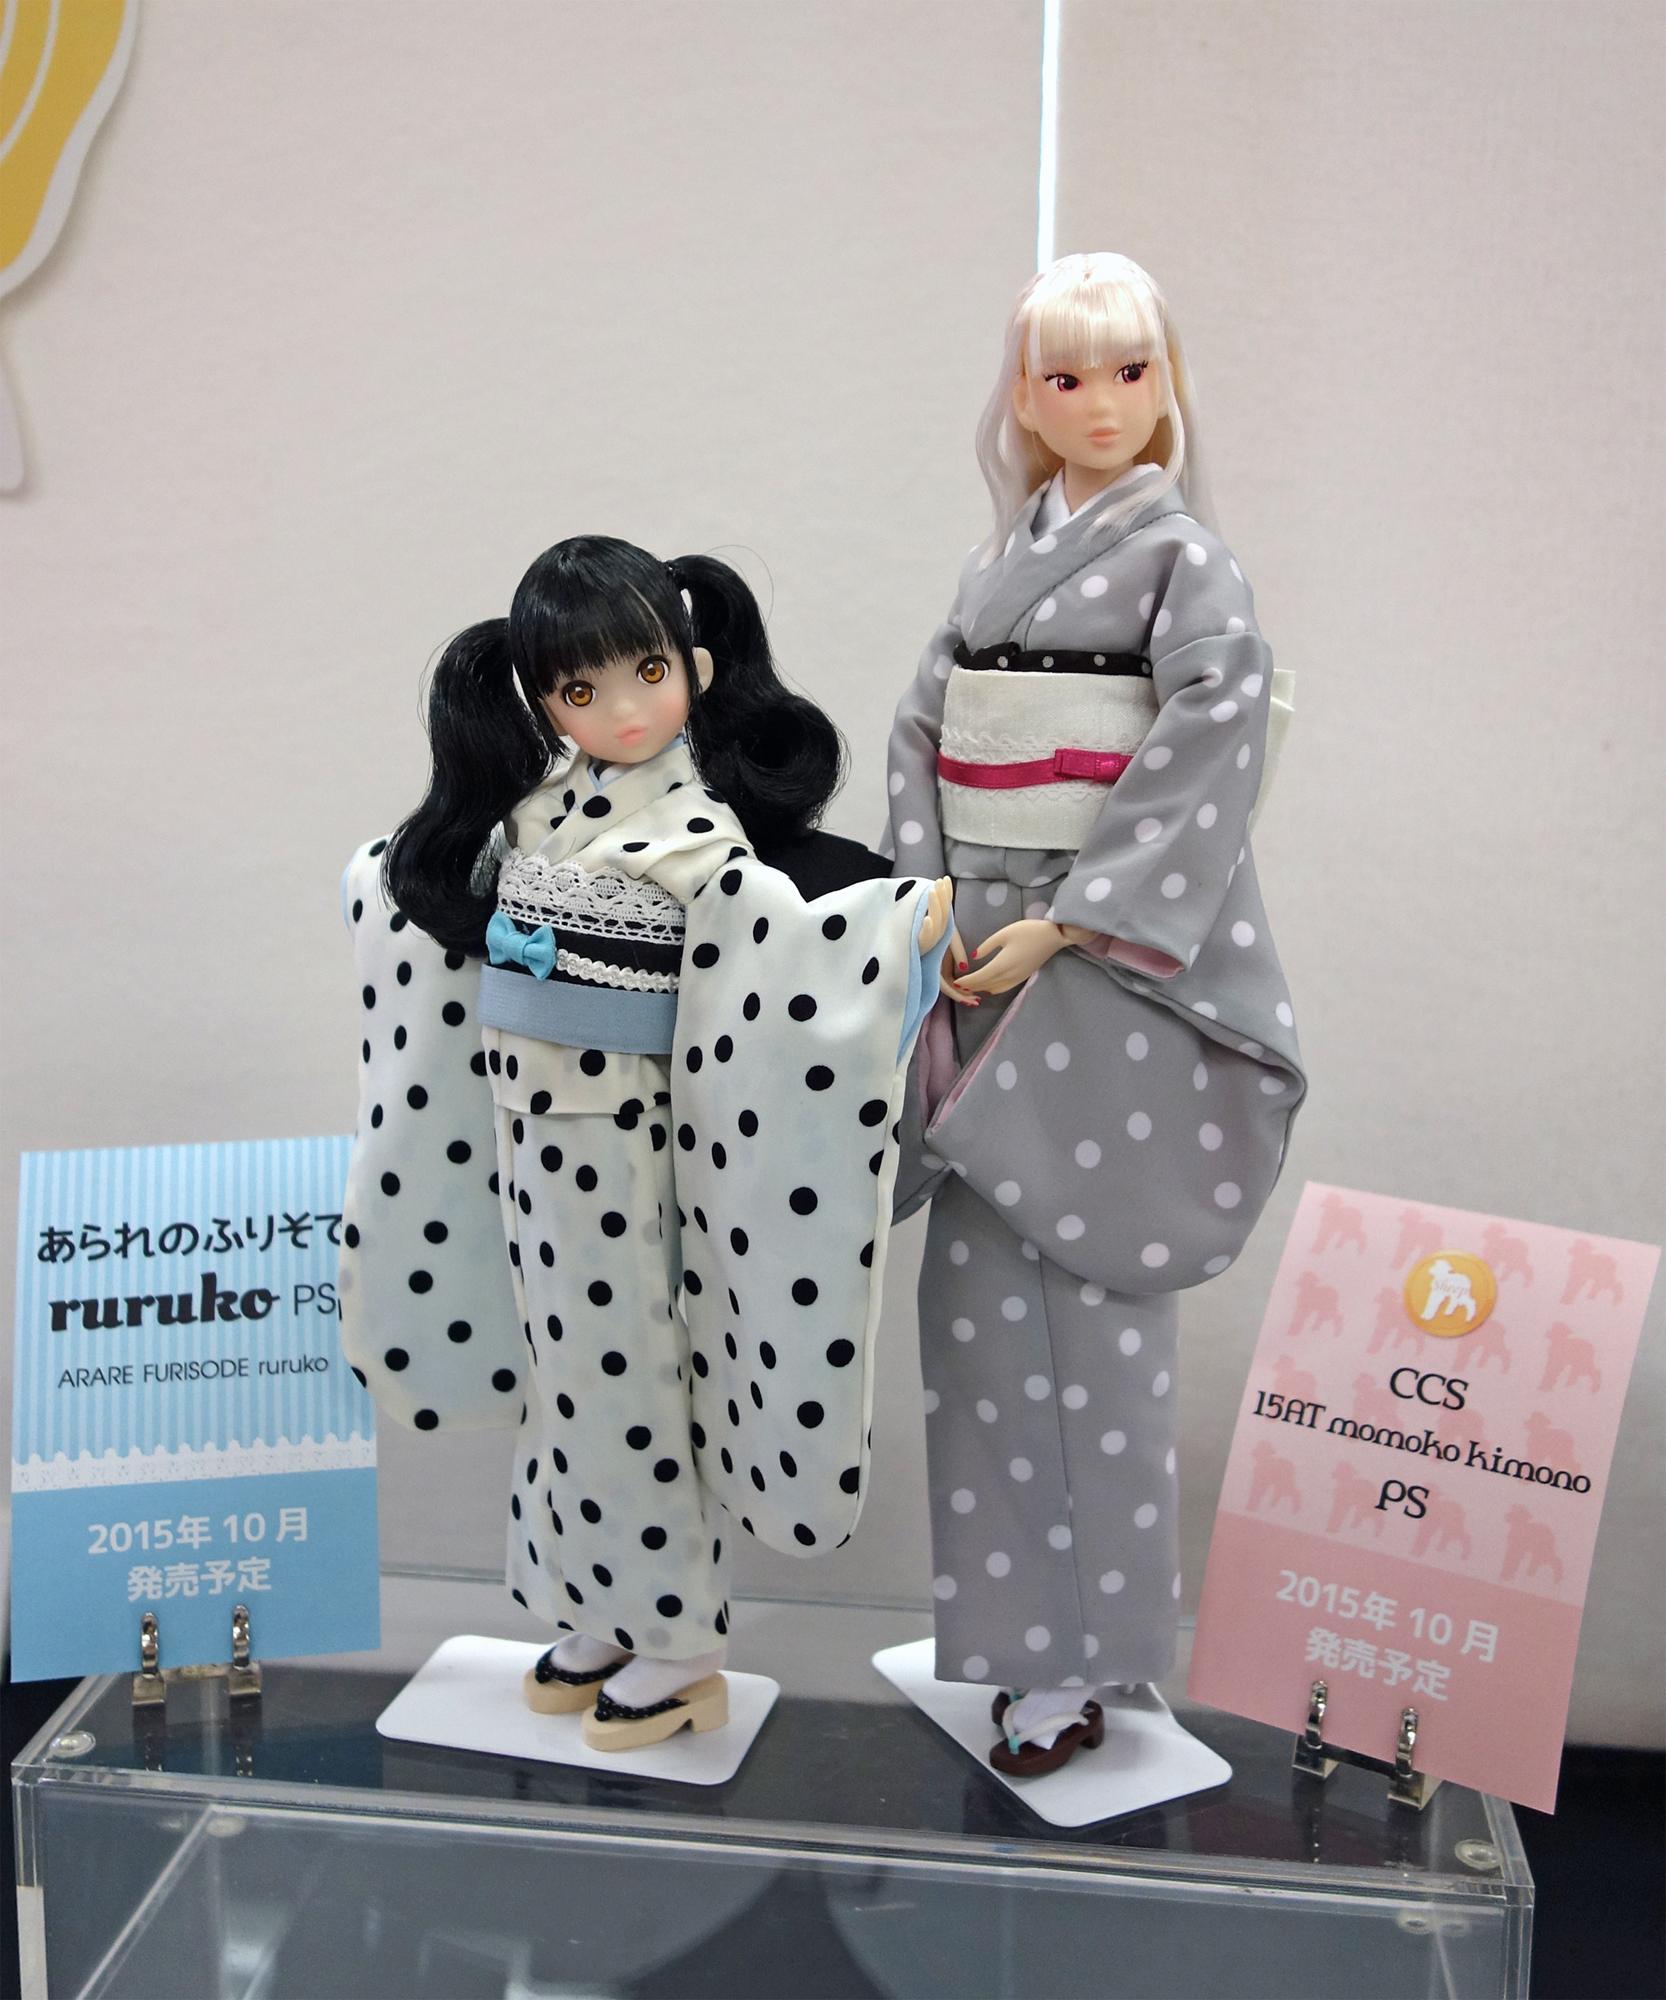 15AT kimono